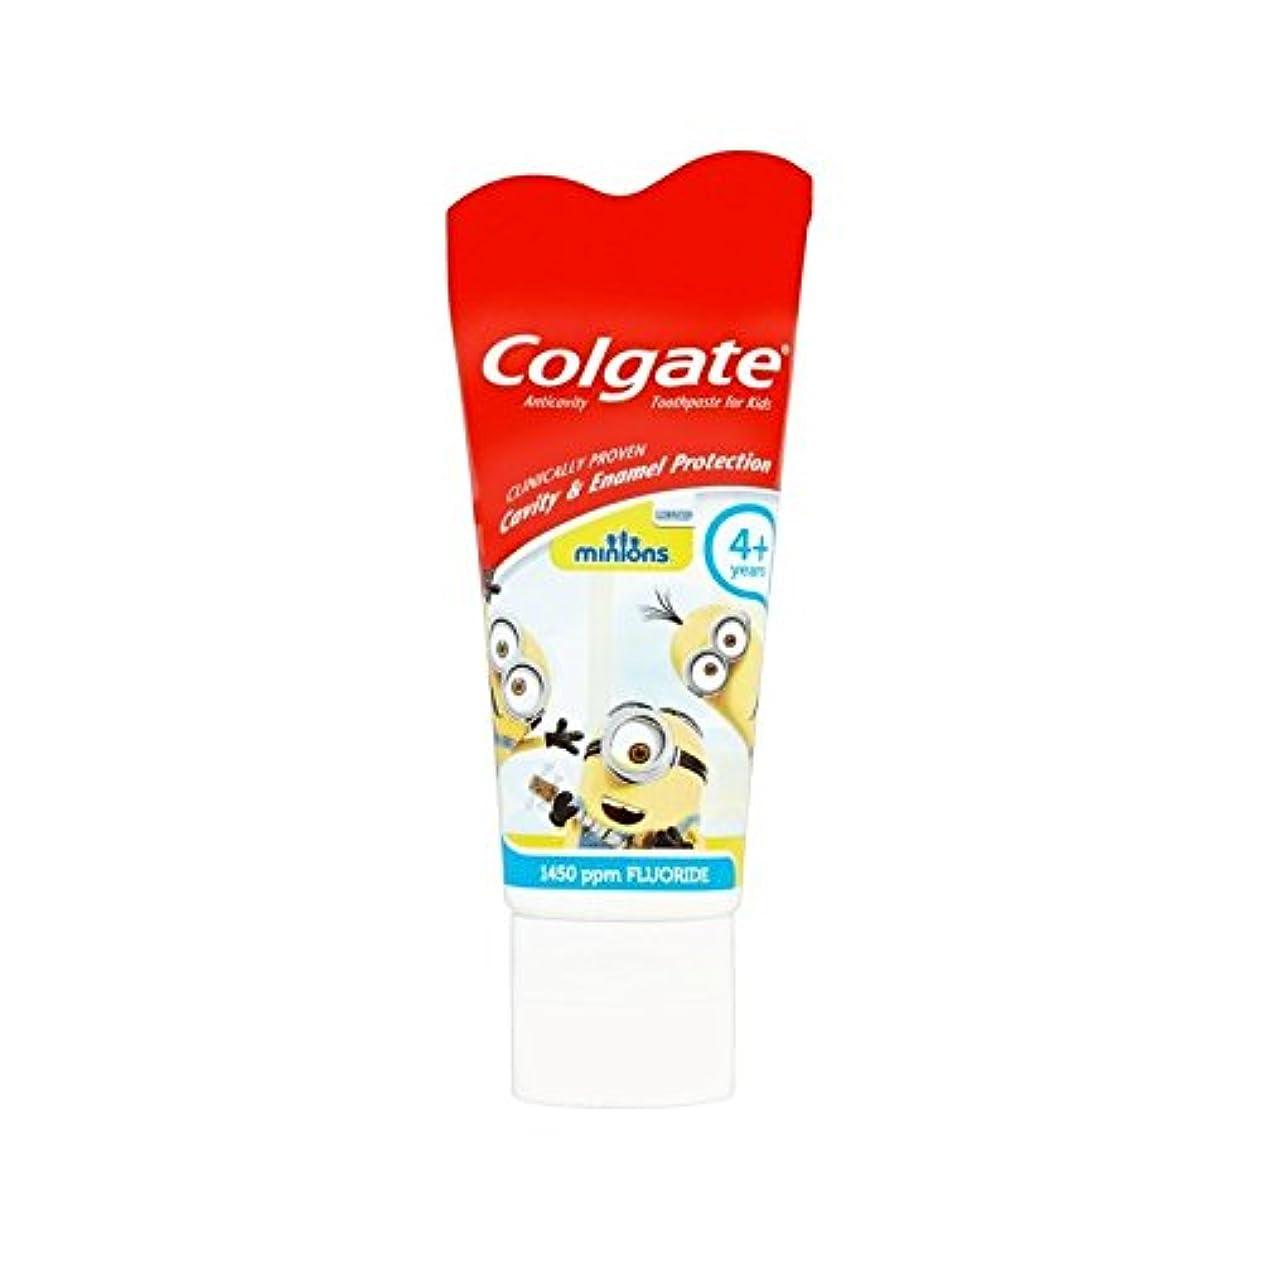 コミットプランテーション不平を言う手下の子供4+歯磨き粉50ミリリットル (Colgate) - Colgate Minions Kids 4+ Toothpaste 50ml [並行輸入品]